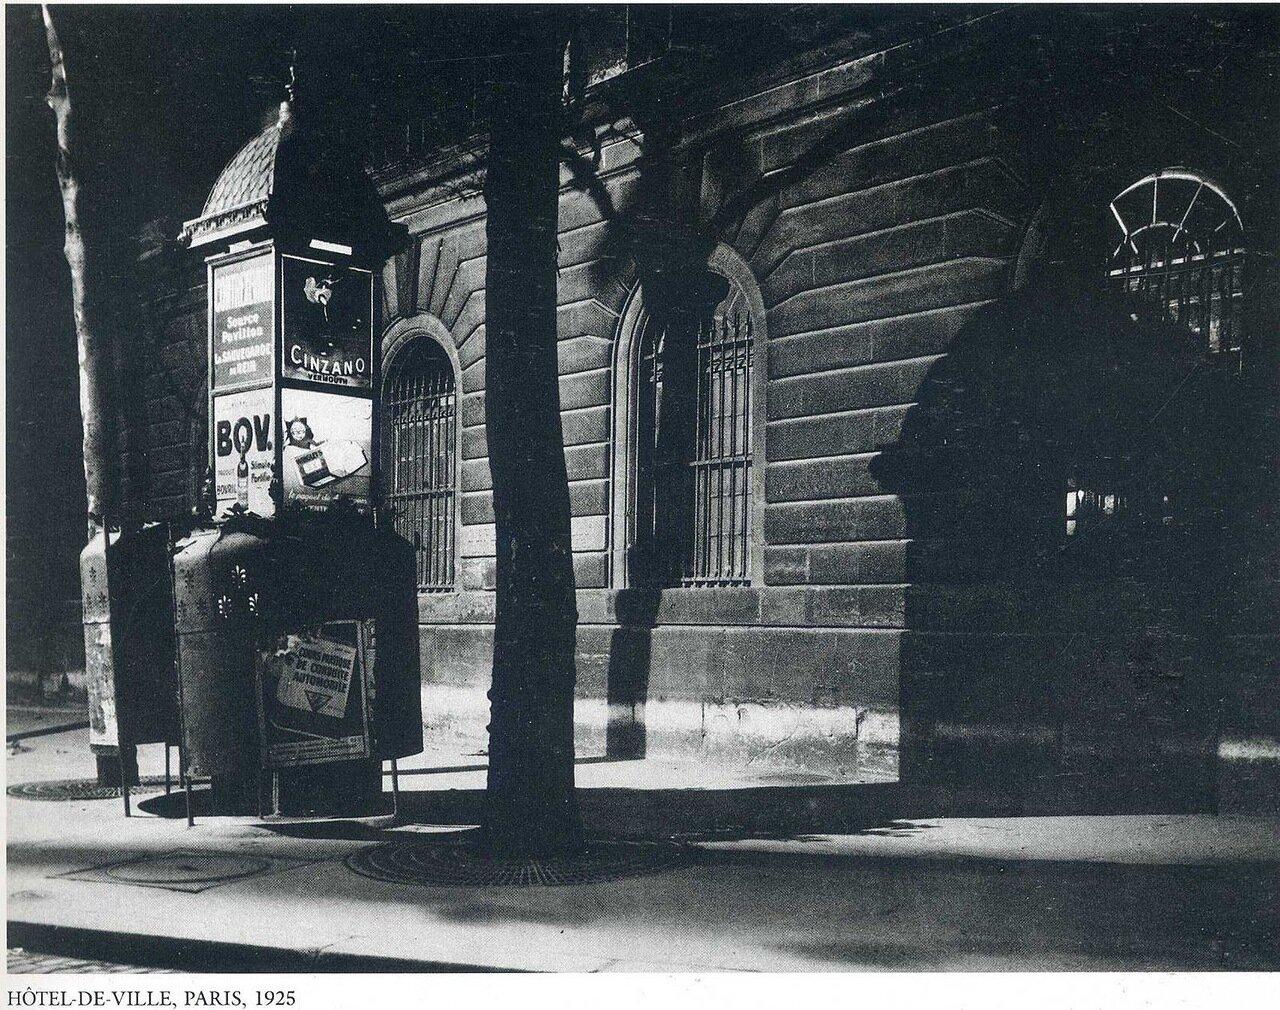 Отель-де-Виль. Париж, 1925